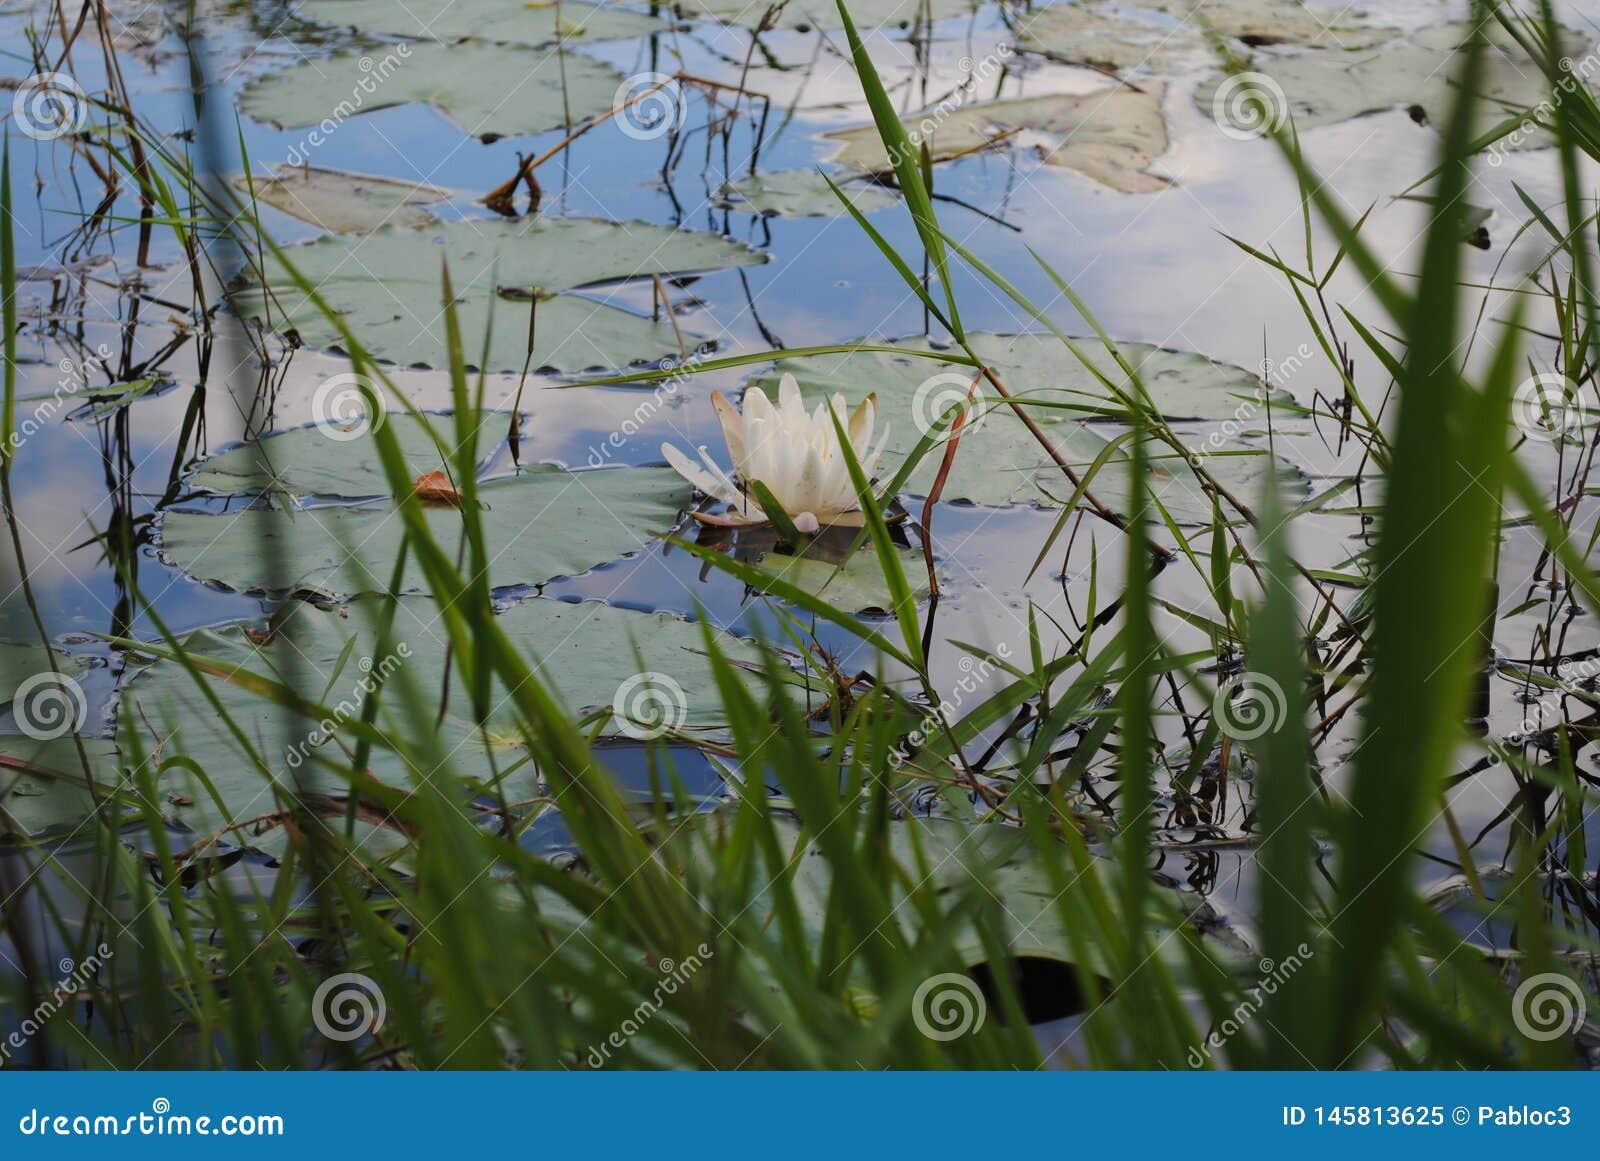 Wasser Lilly auf dem Teich mit Wolken-Reflexion